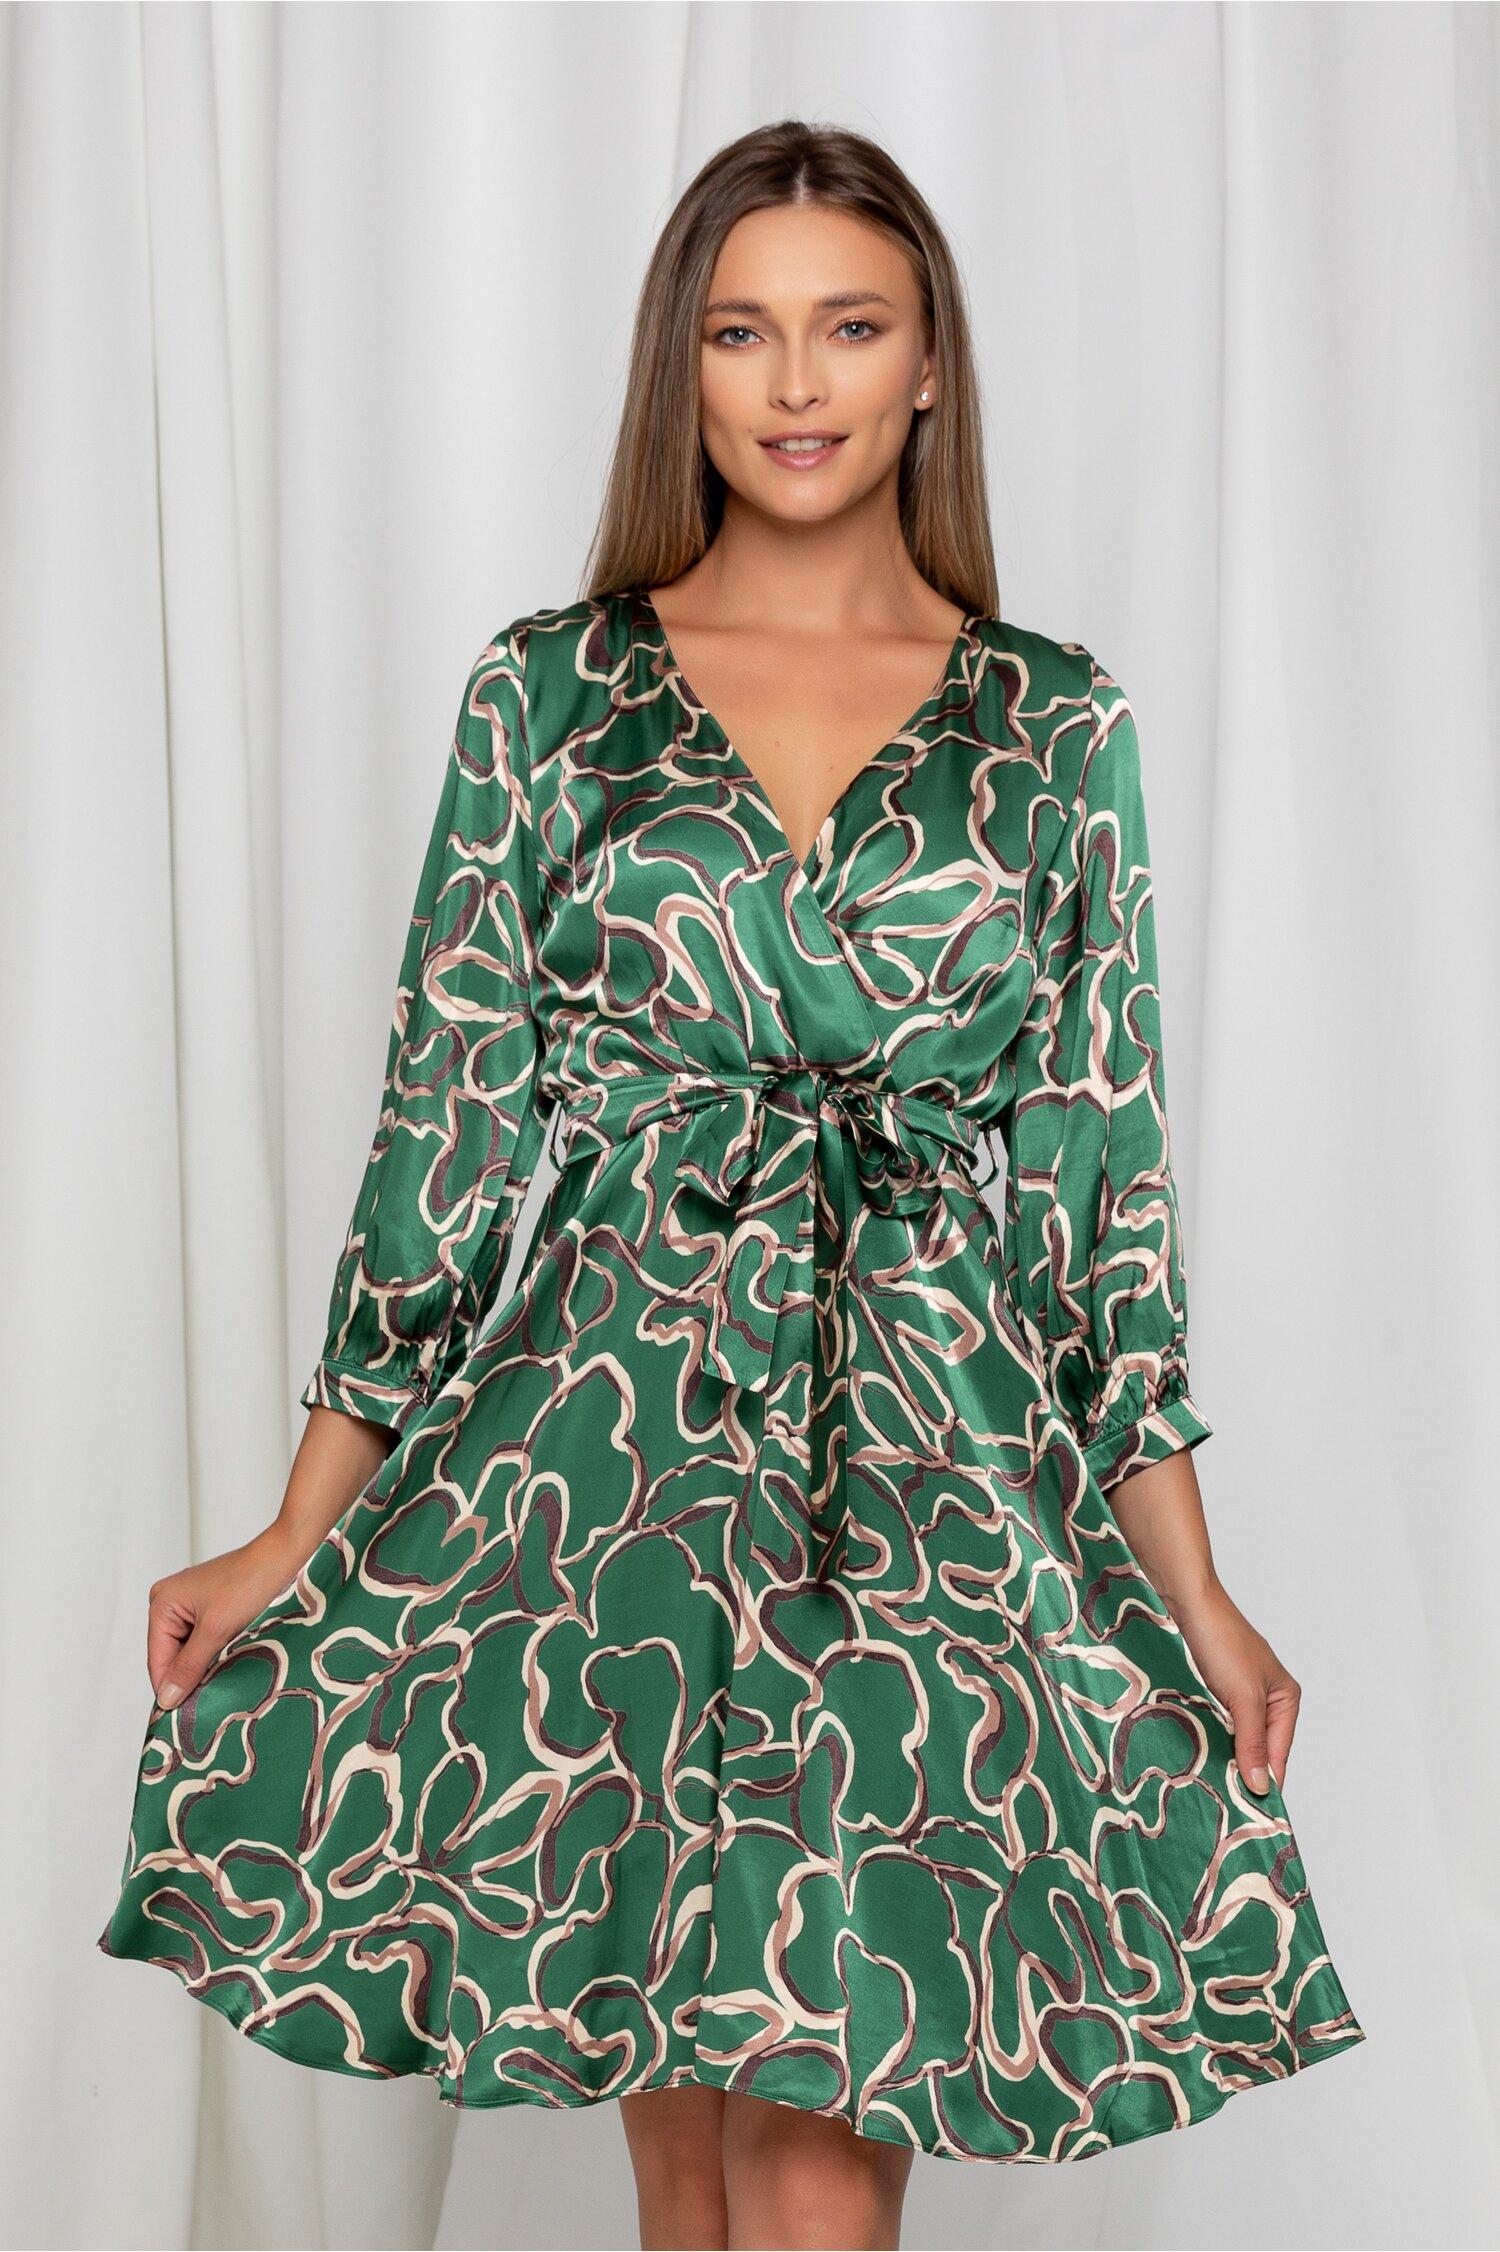 Rochie Annes verde cu imprimeuri verzi